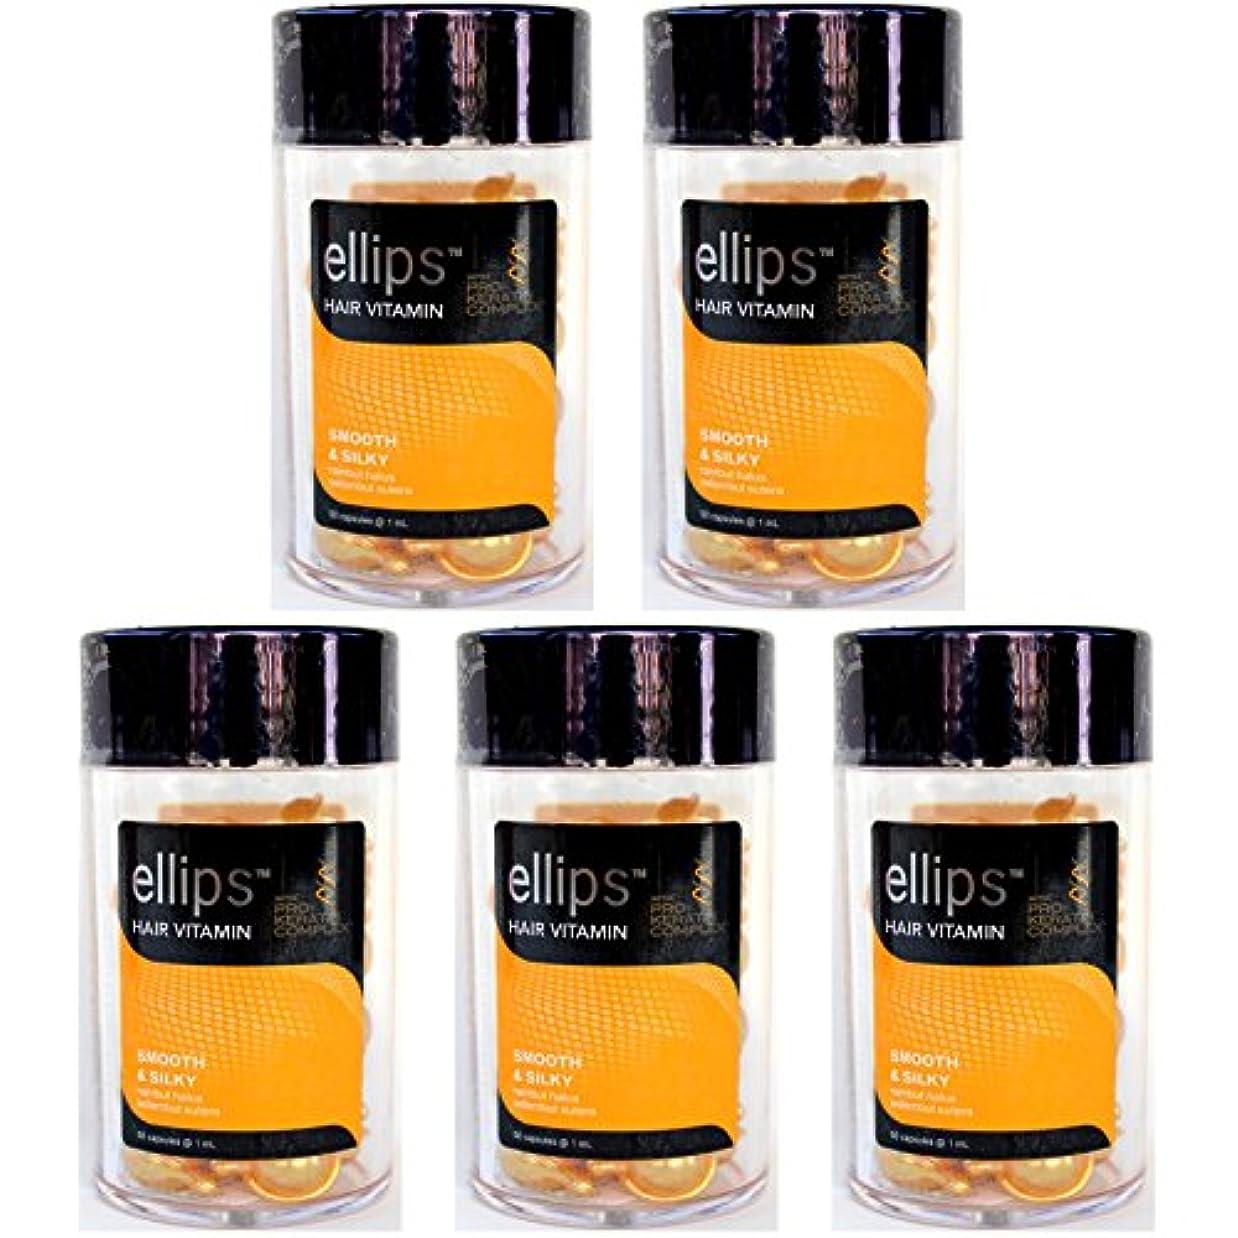 政治ブランチ東ティモールellips エリプス Hair Vitamin ヘア ビタミン Pro-Keratin Complex プロケラチン配合 SMOOTH & SILKY イエロー ボトル(50粒入) × 5本 セット [並行輸入品][海外直送品]